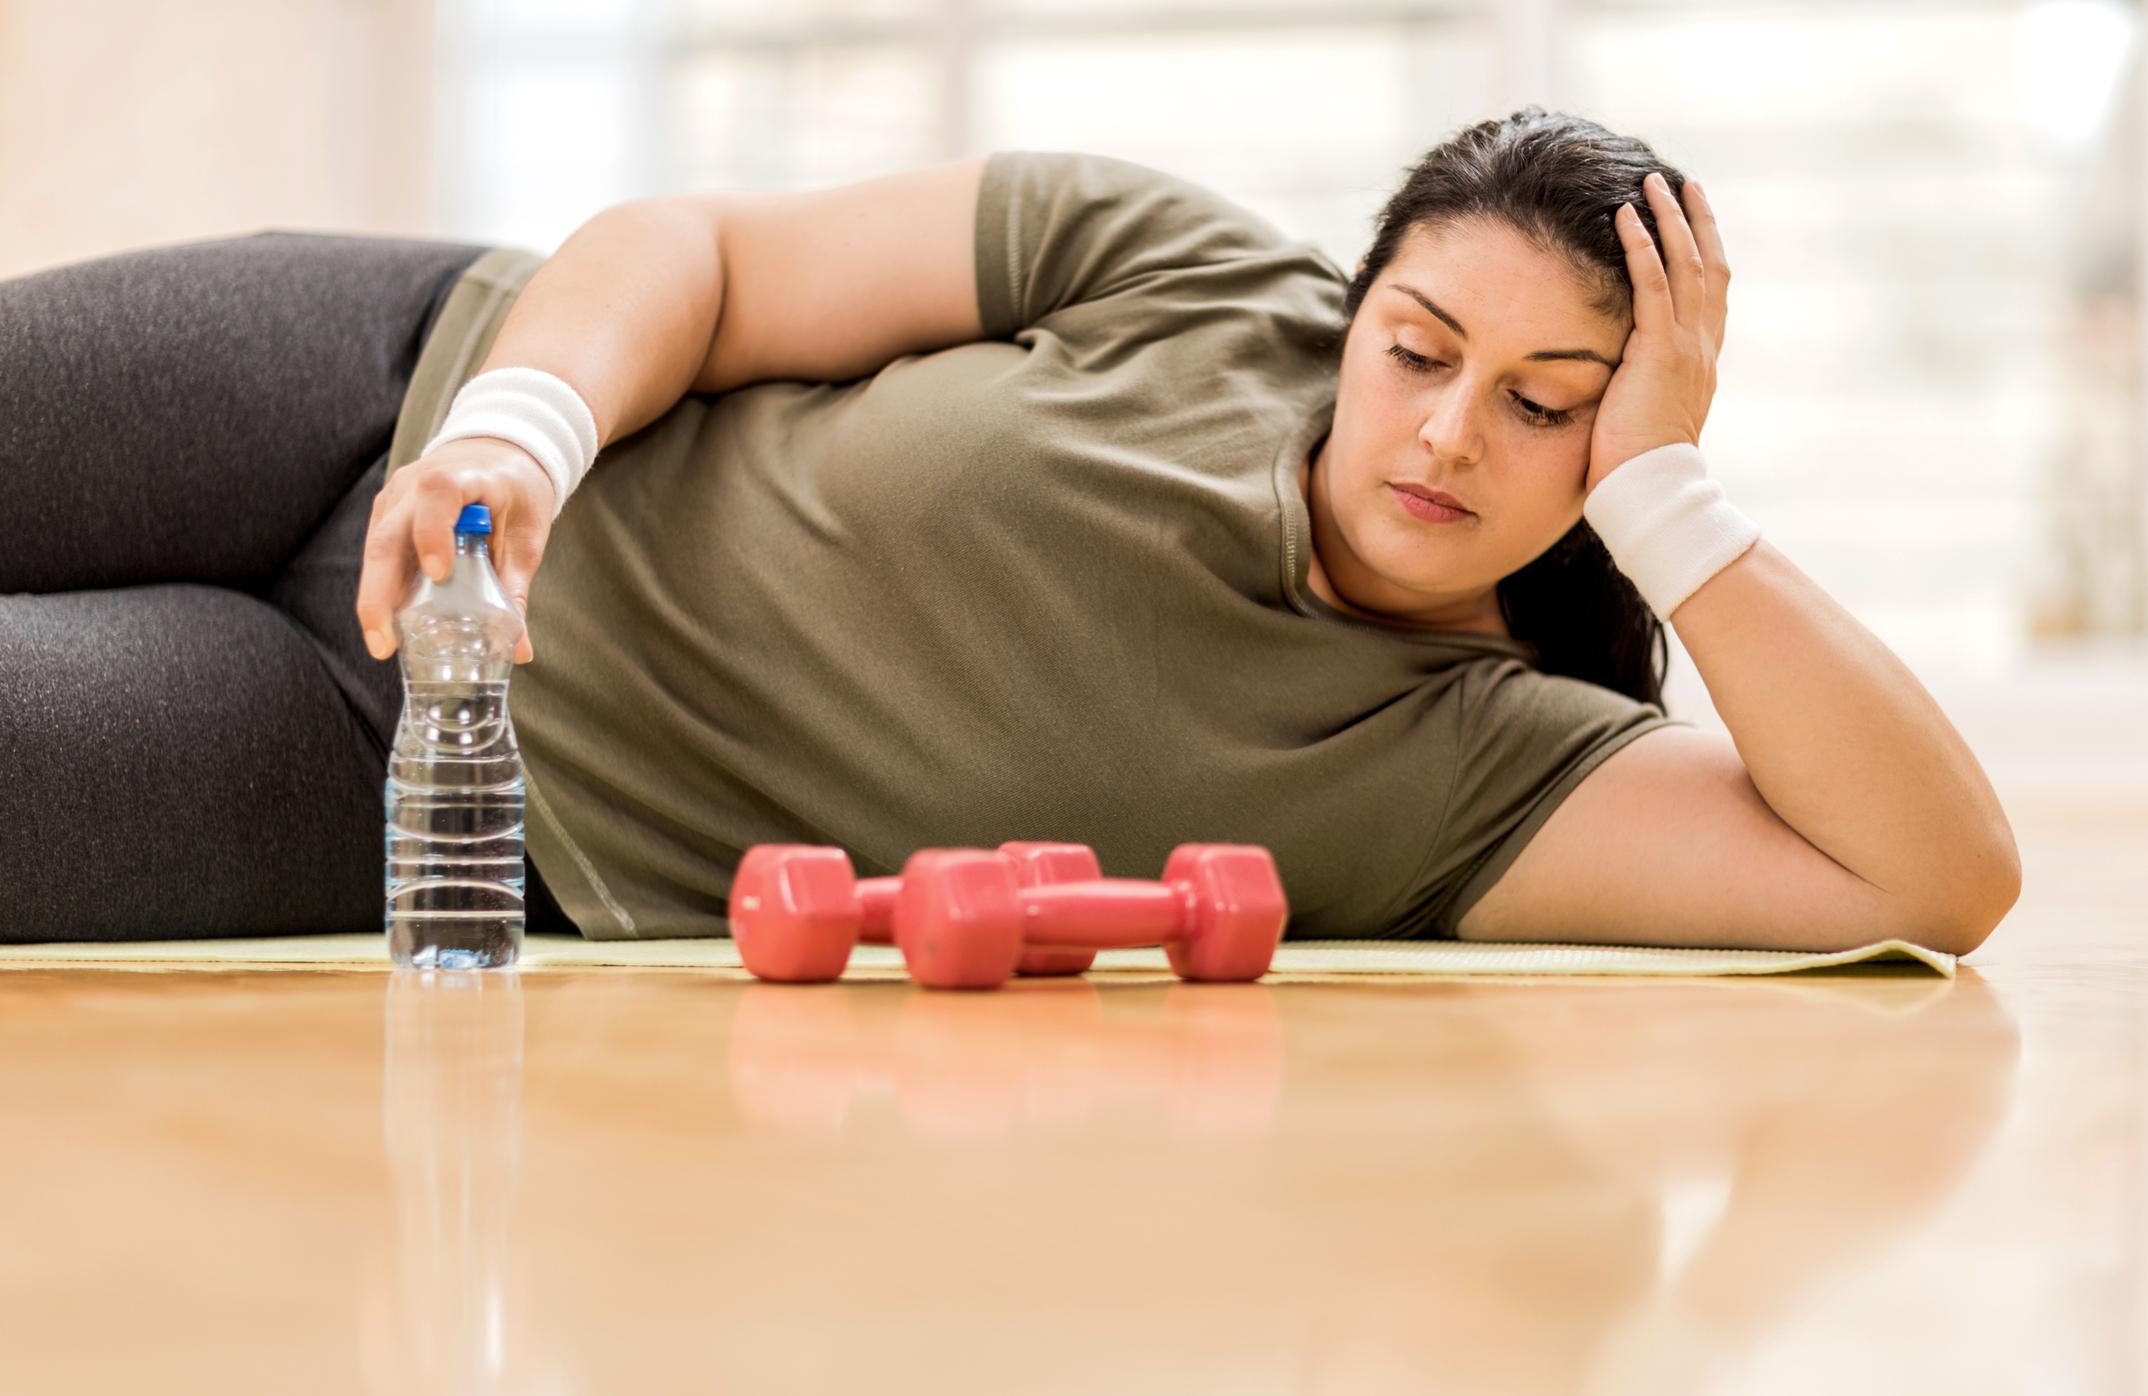 sf zsírégető lendület fogyni 20 font egy héten belül